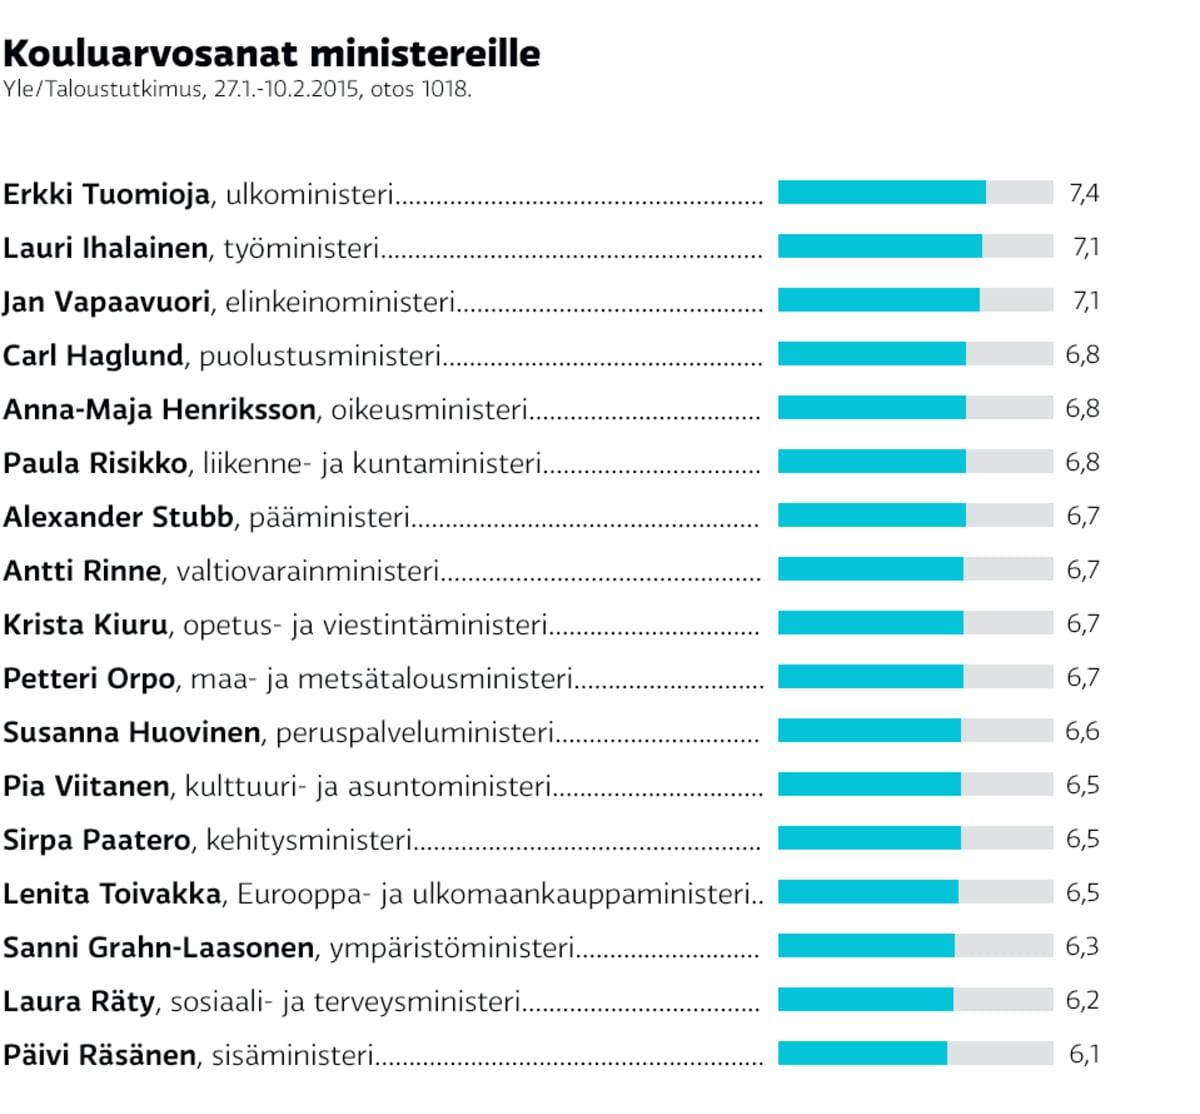 Lista kouluarvosanoista ministereille.